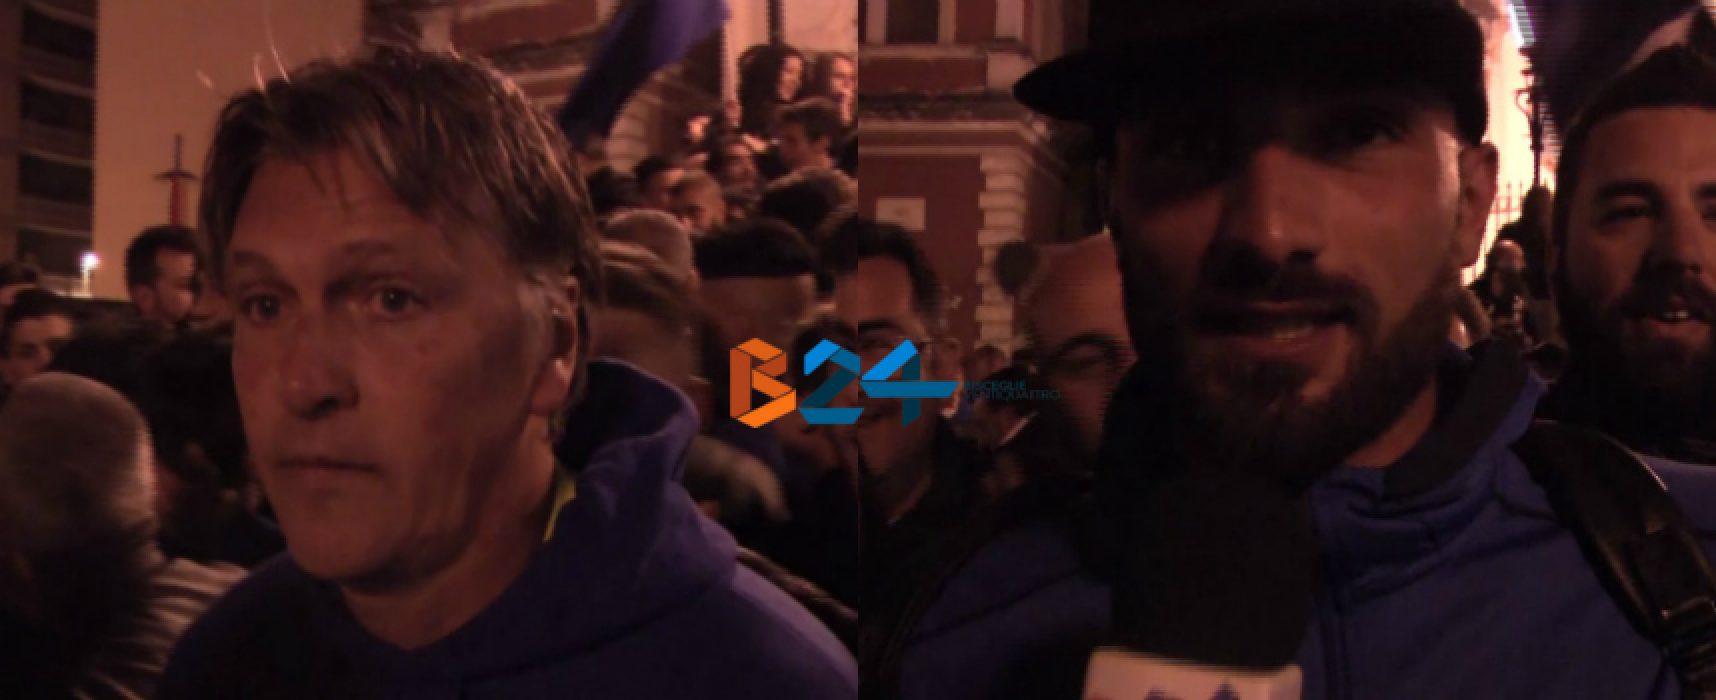 Festa al calvario per il Bisceglie Calcio: interviste a Canonico, Ragno e Petta / VIDEO